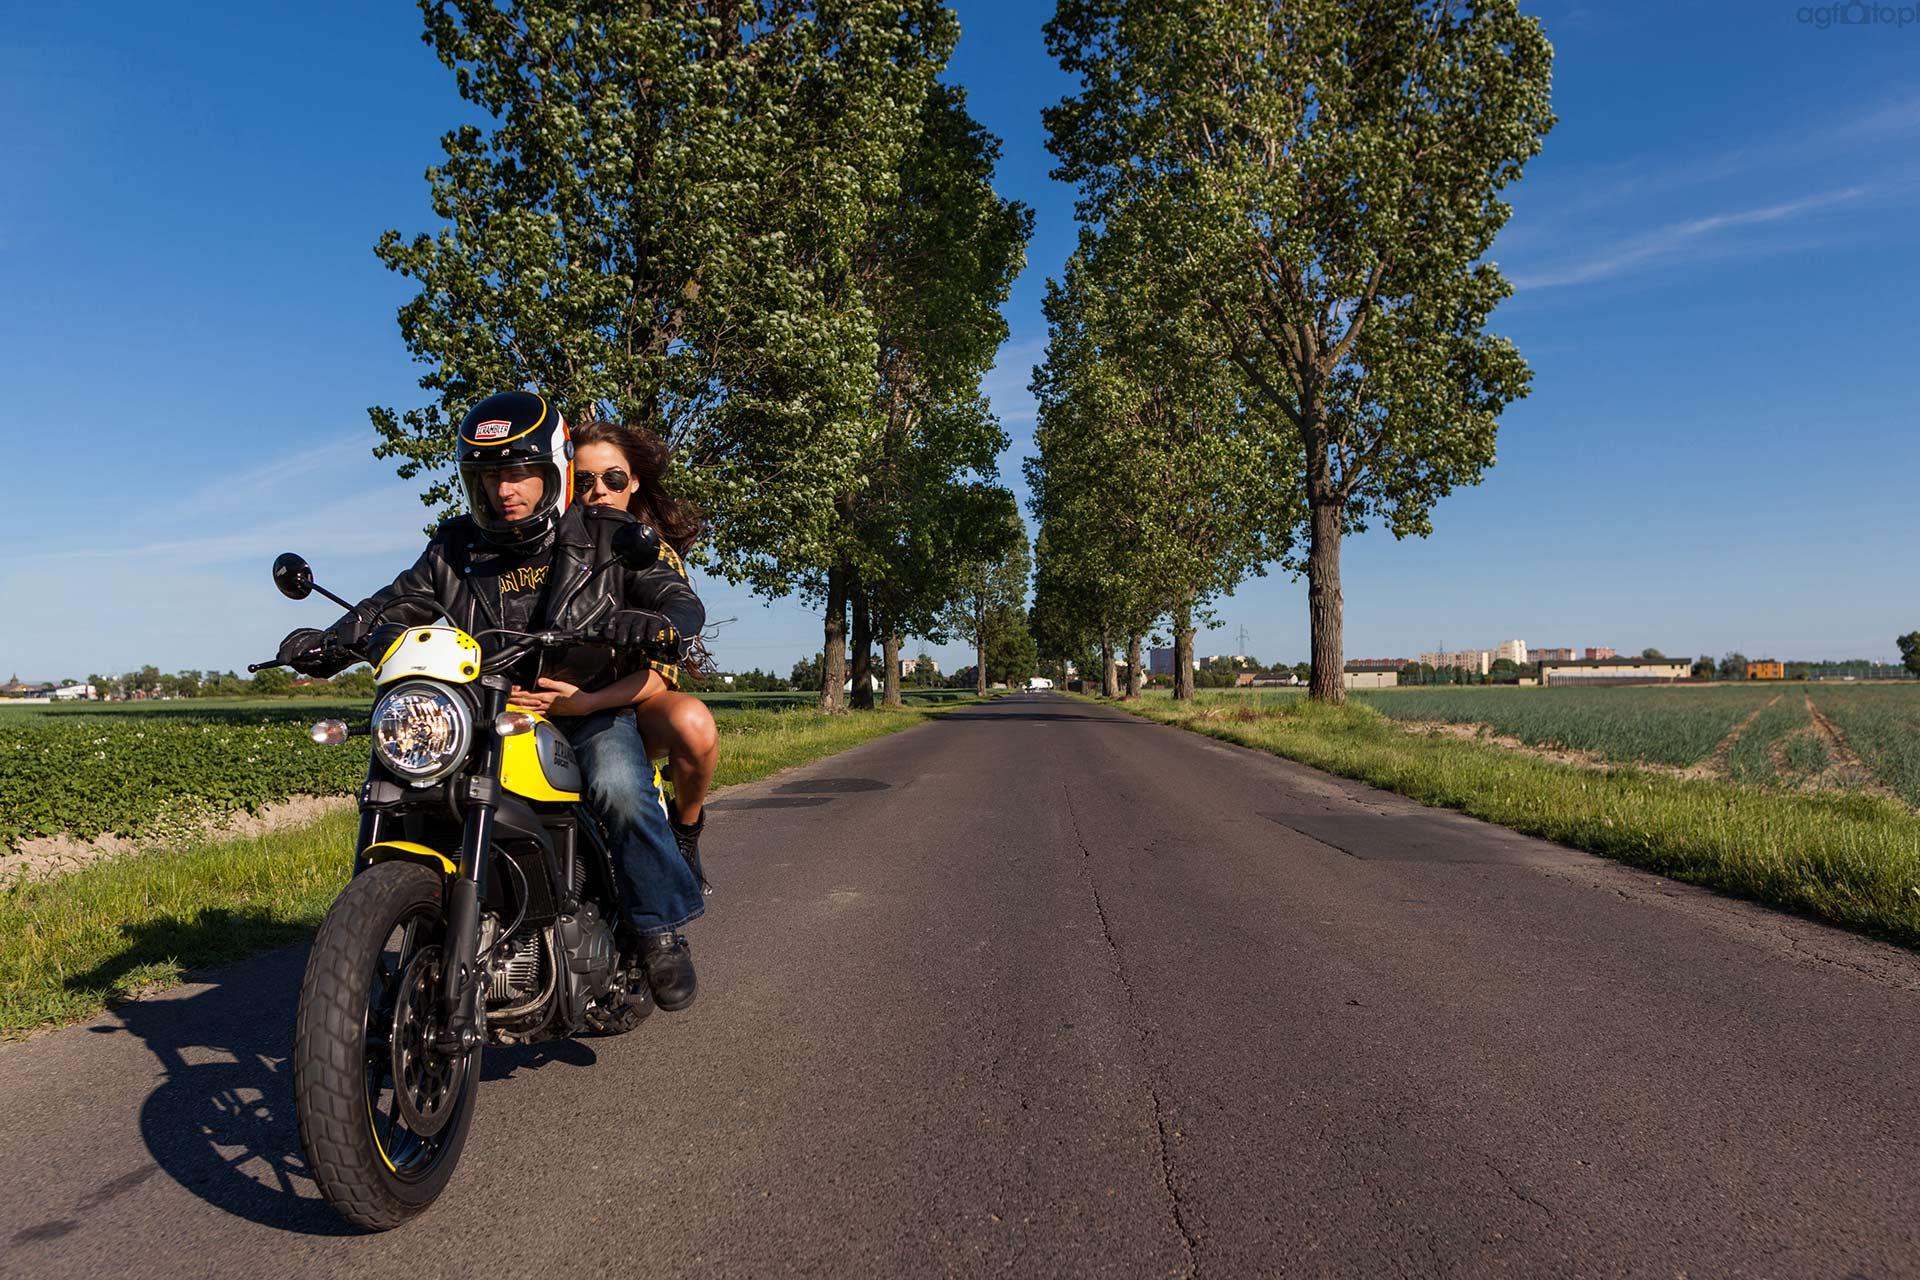 ducati_scrambler_jazda_motocyklicznie